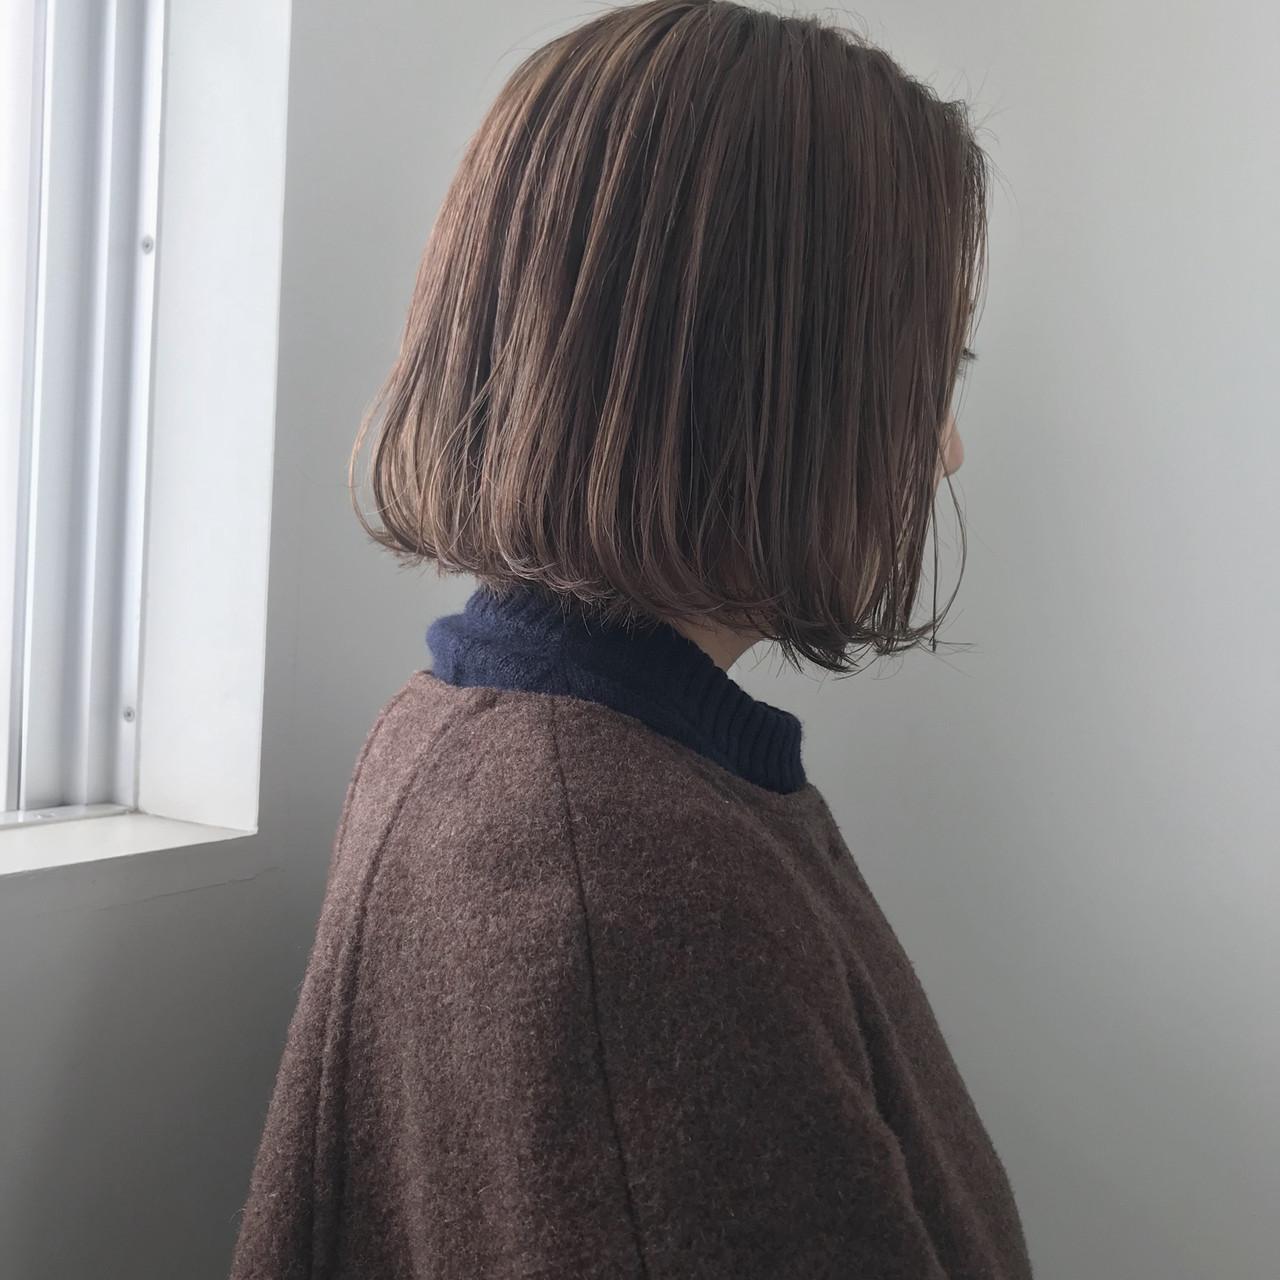 ボブ 透明感カラー ミルクティーベージュ ヌーディベージュ ヘアスタイルや髪型の写真・画像 | 井浦果歩 / ecouter